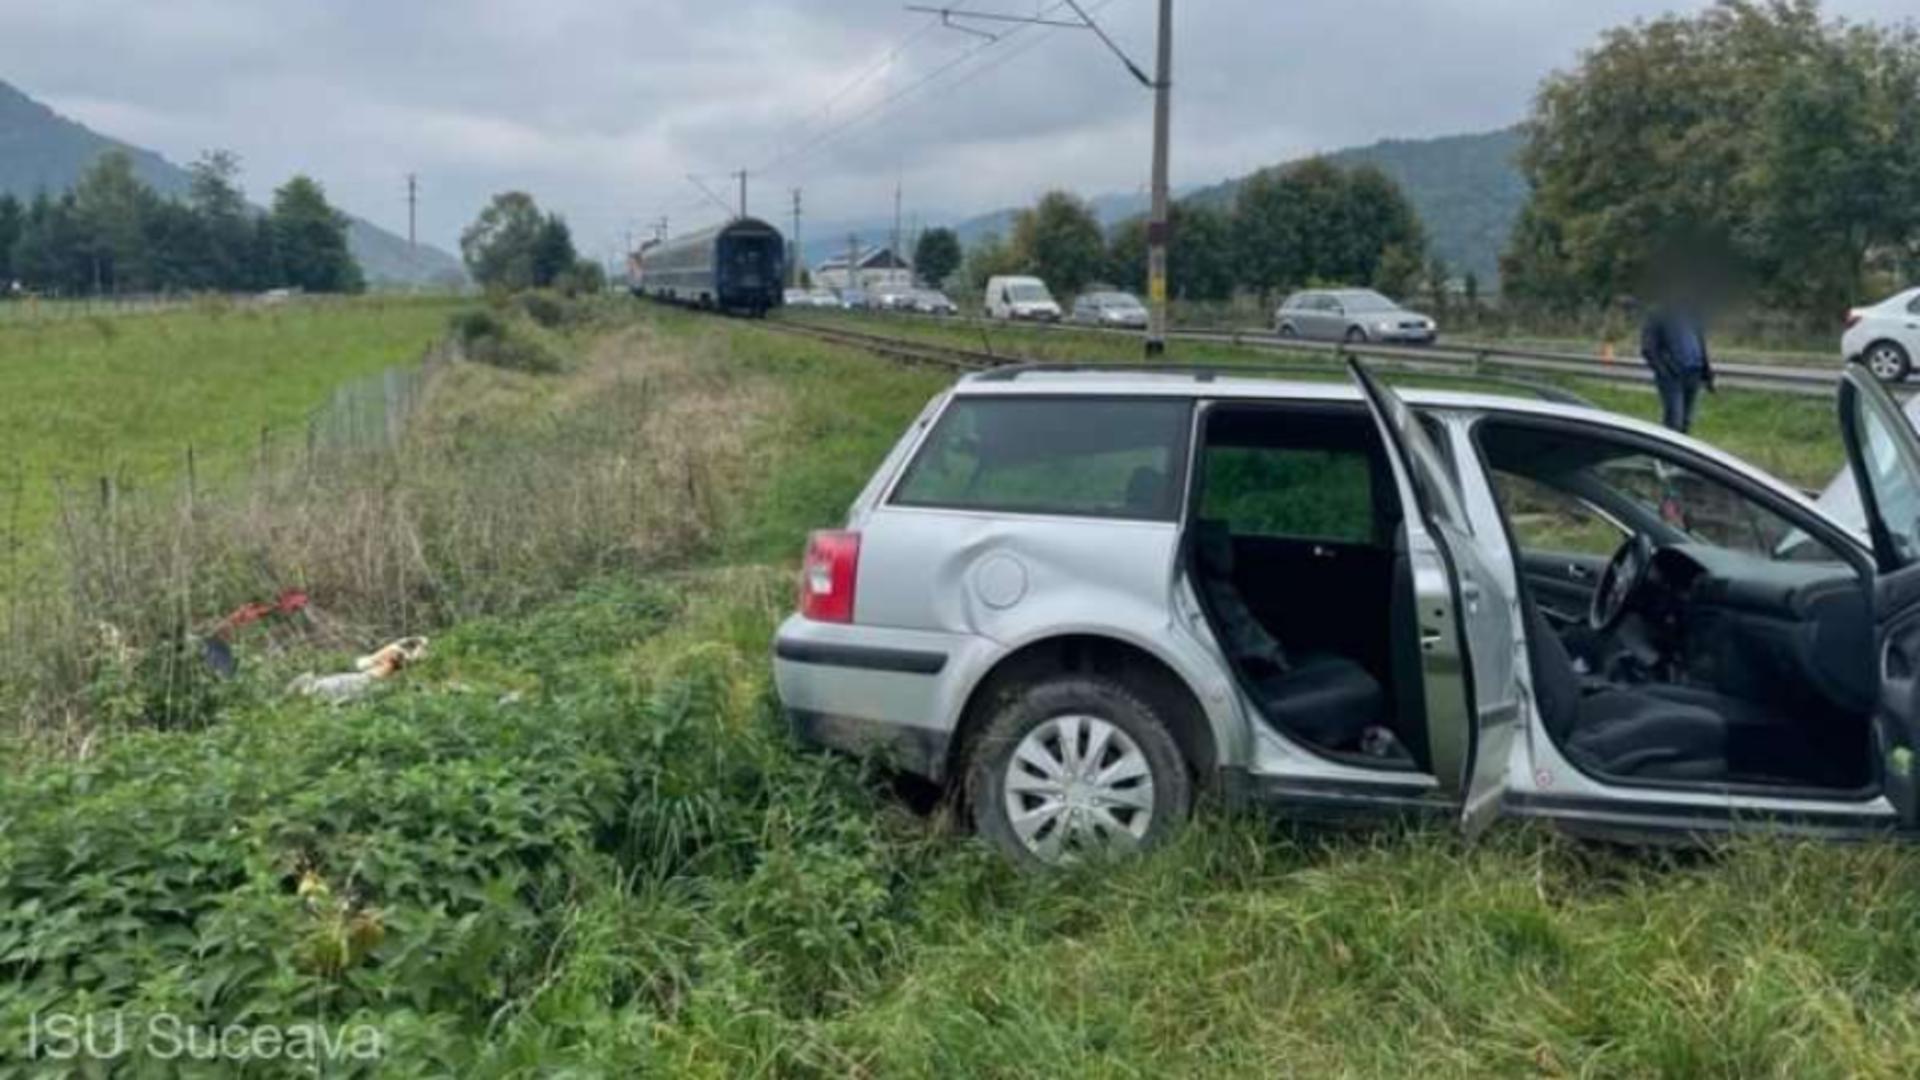 Accident Suceava. Foto: ISU Suceava